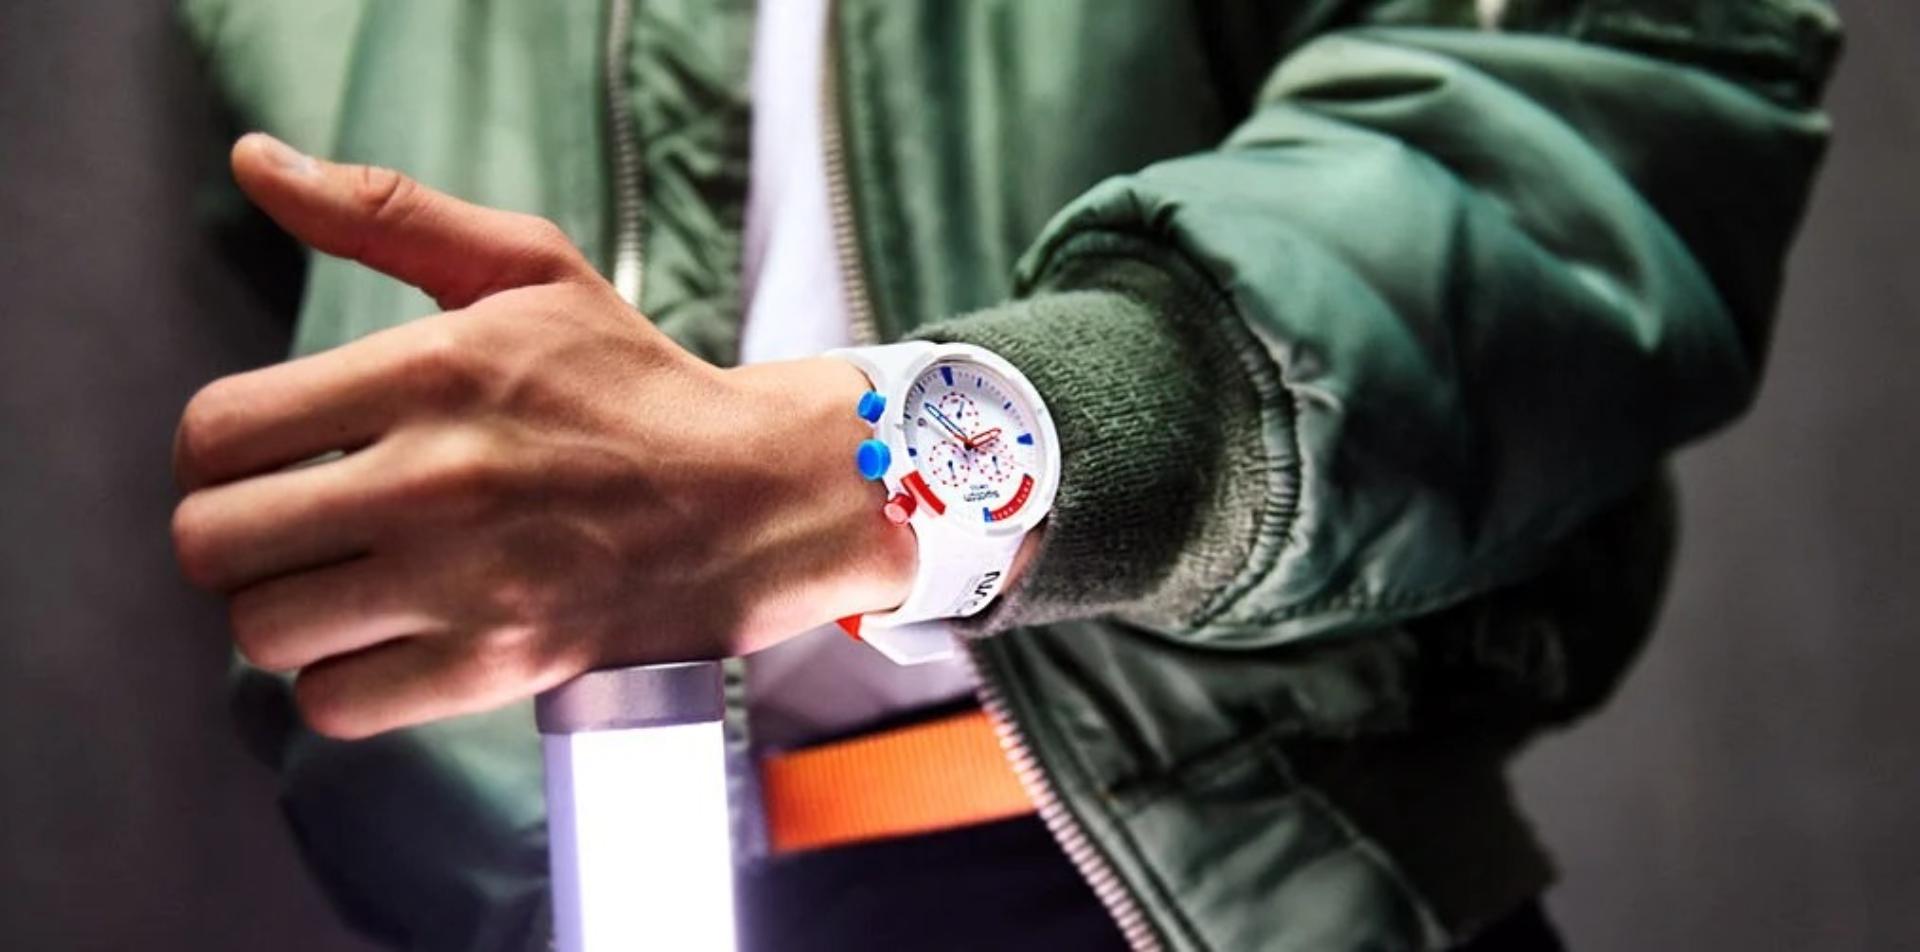 Swatch lanzó una nueva colección de relojes inspirados en la NASA